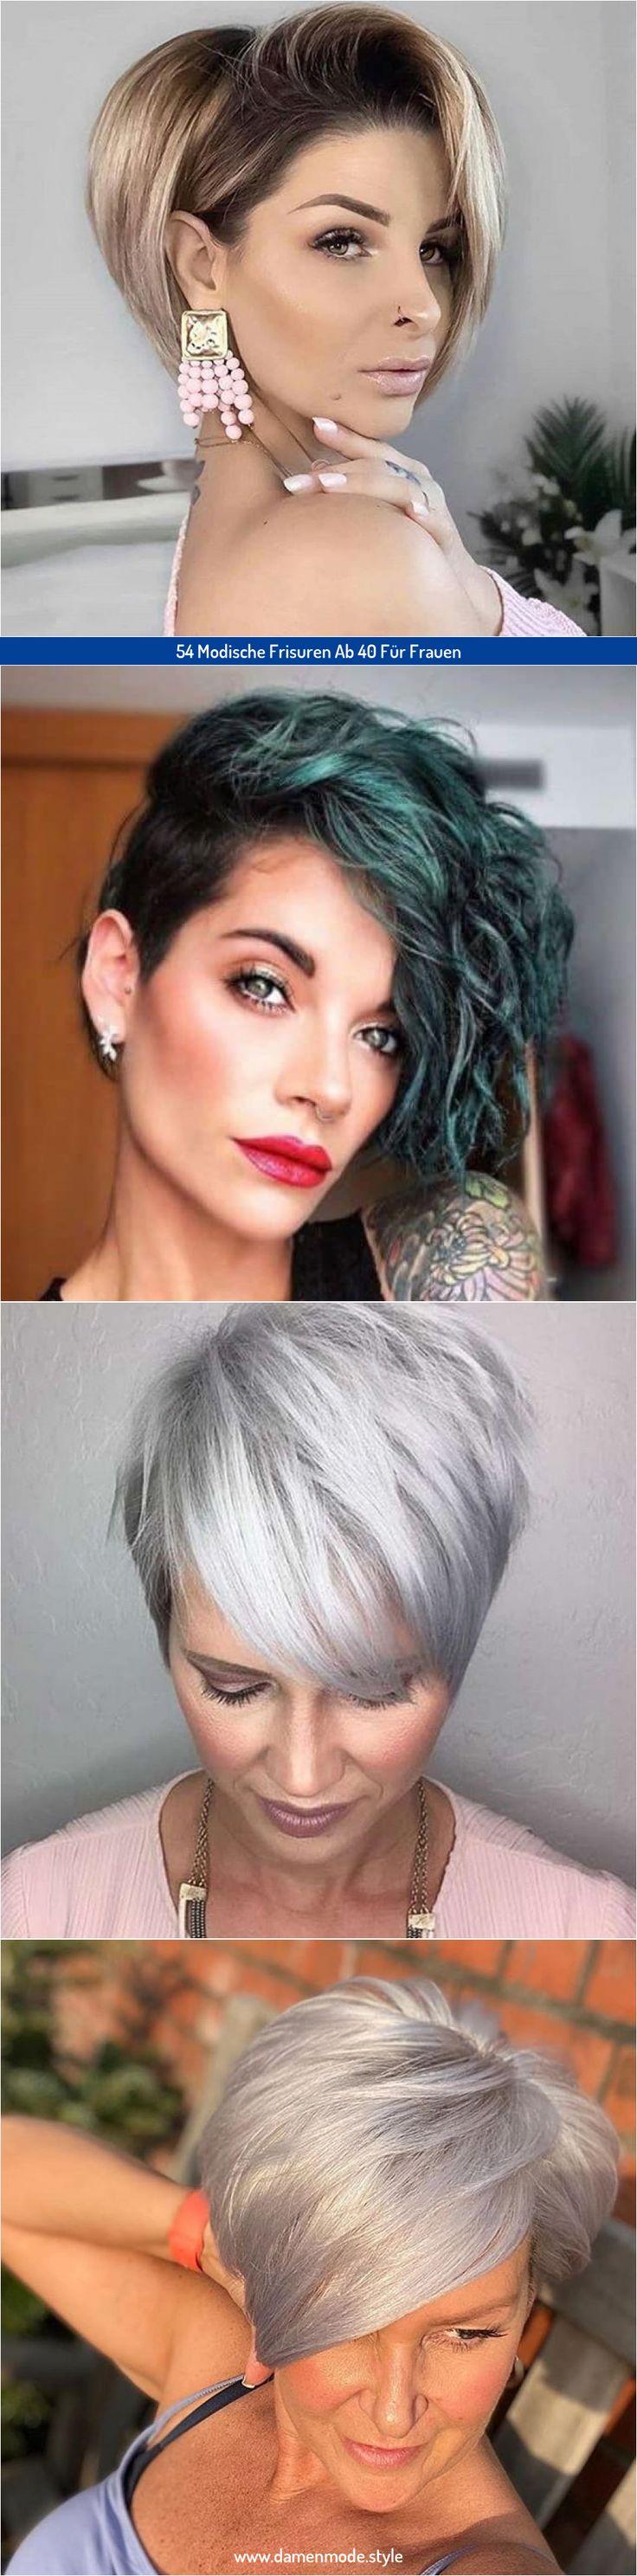 Frisuren Für Mollige Frauen Ab 40